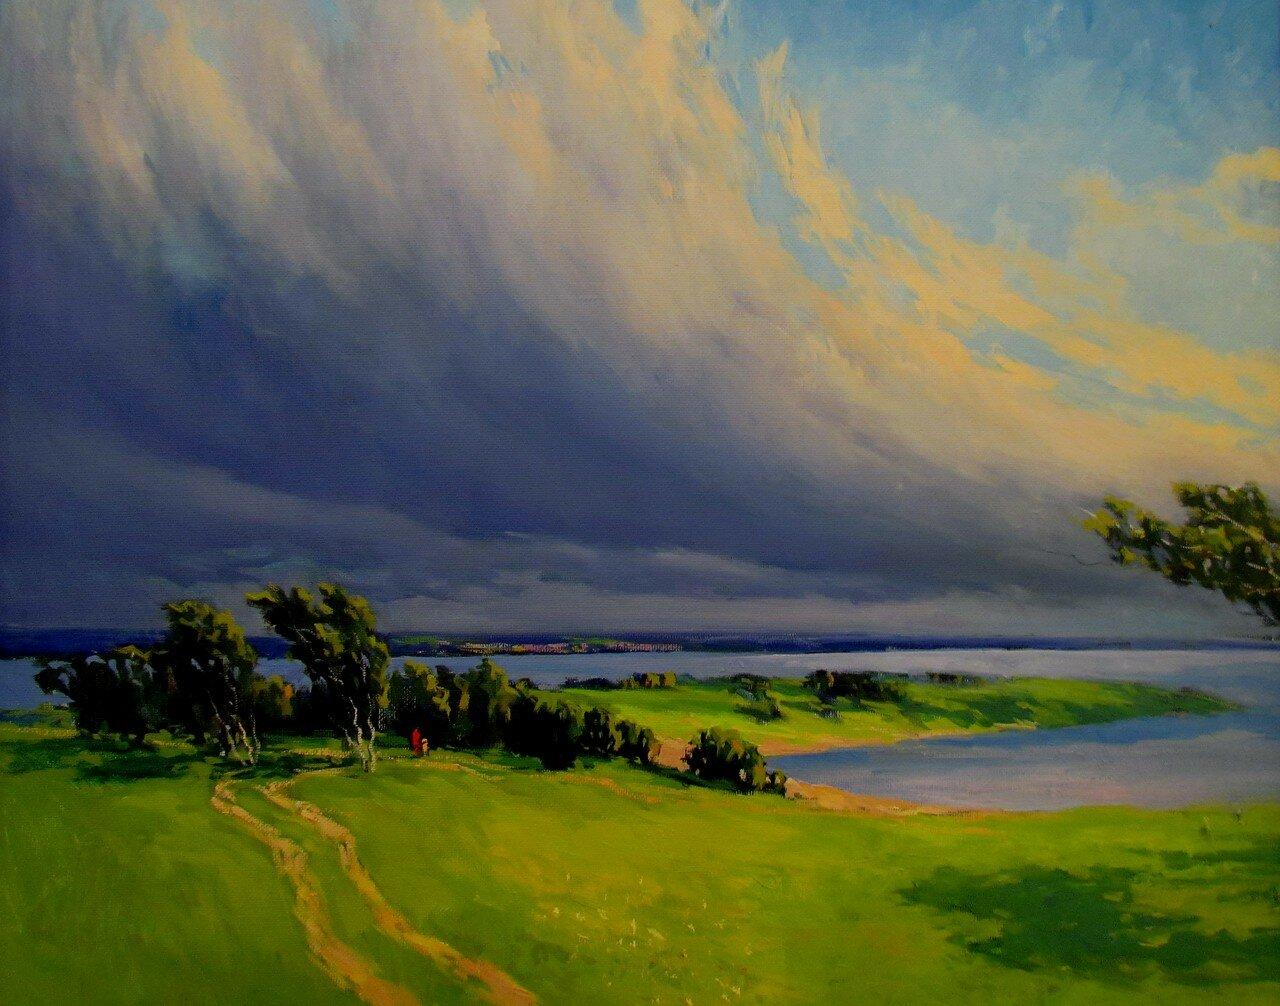 г.козлов.внезапный порыв июльского ветра пригнул тонкие березы и погнал облака за волгу.jpg